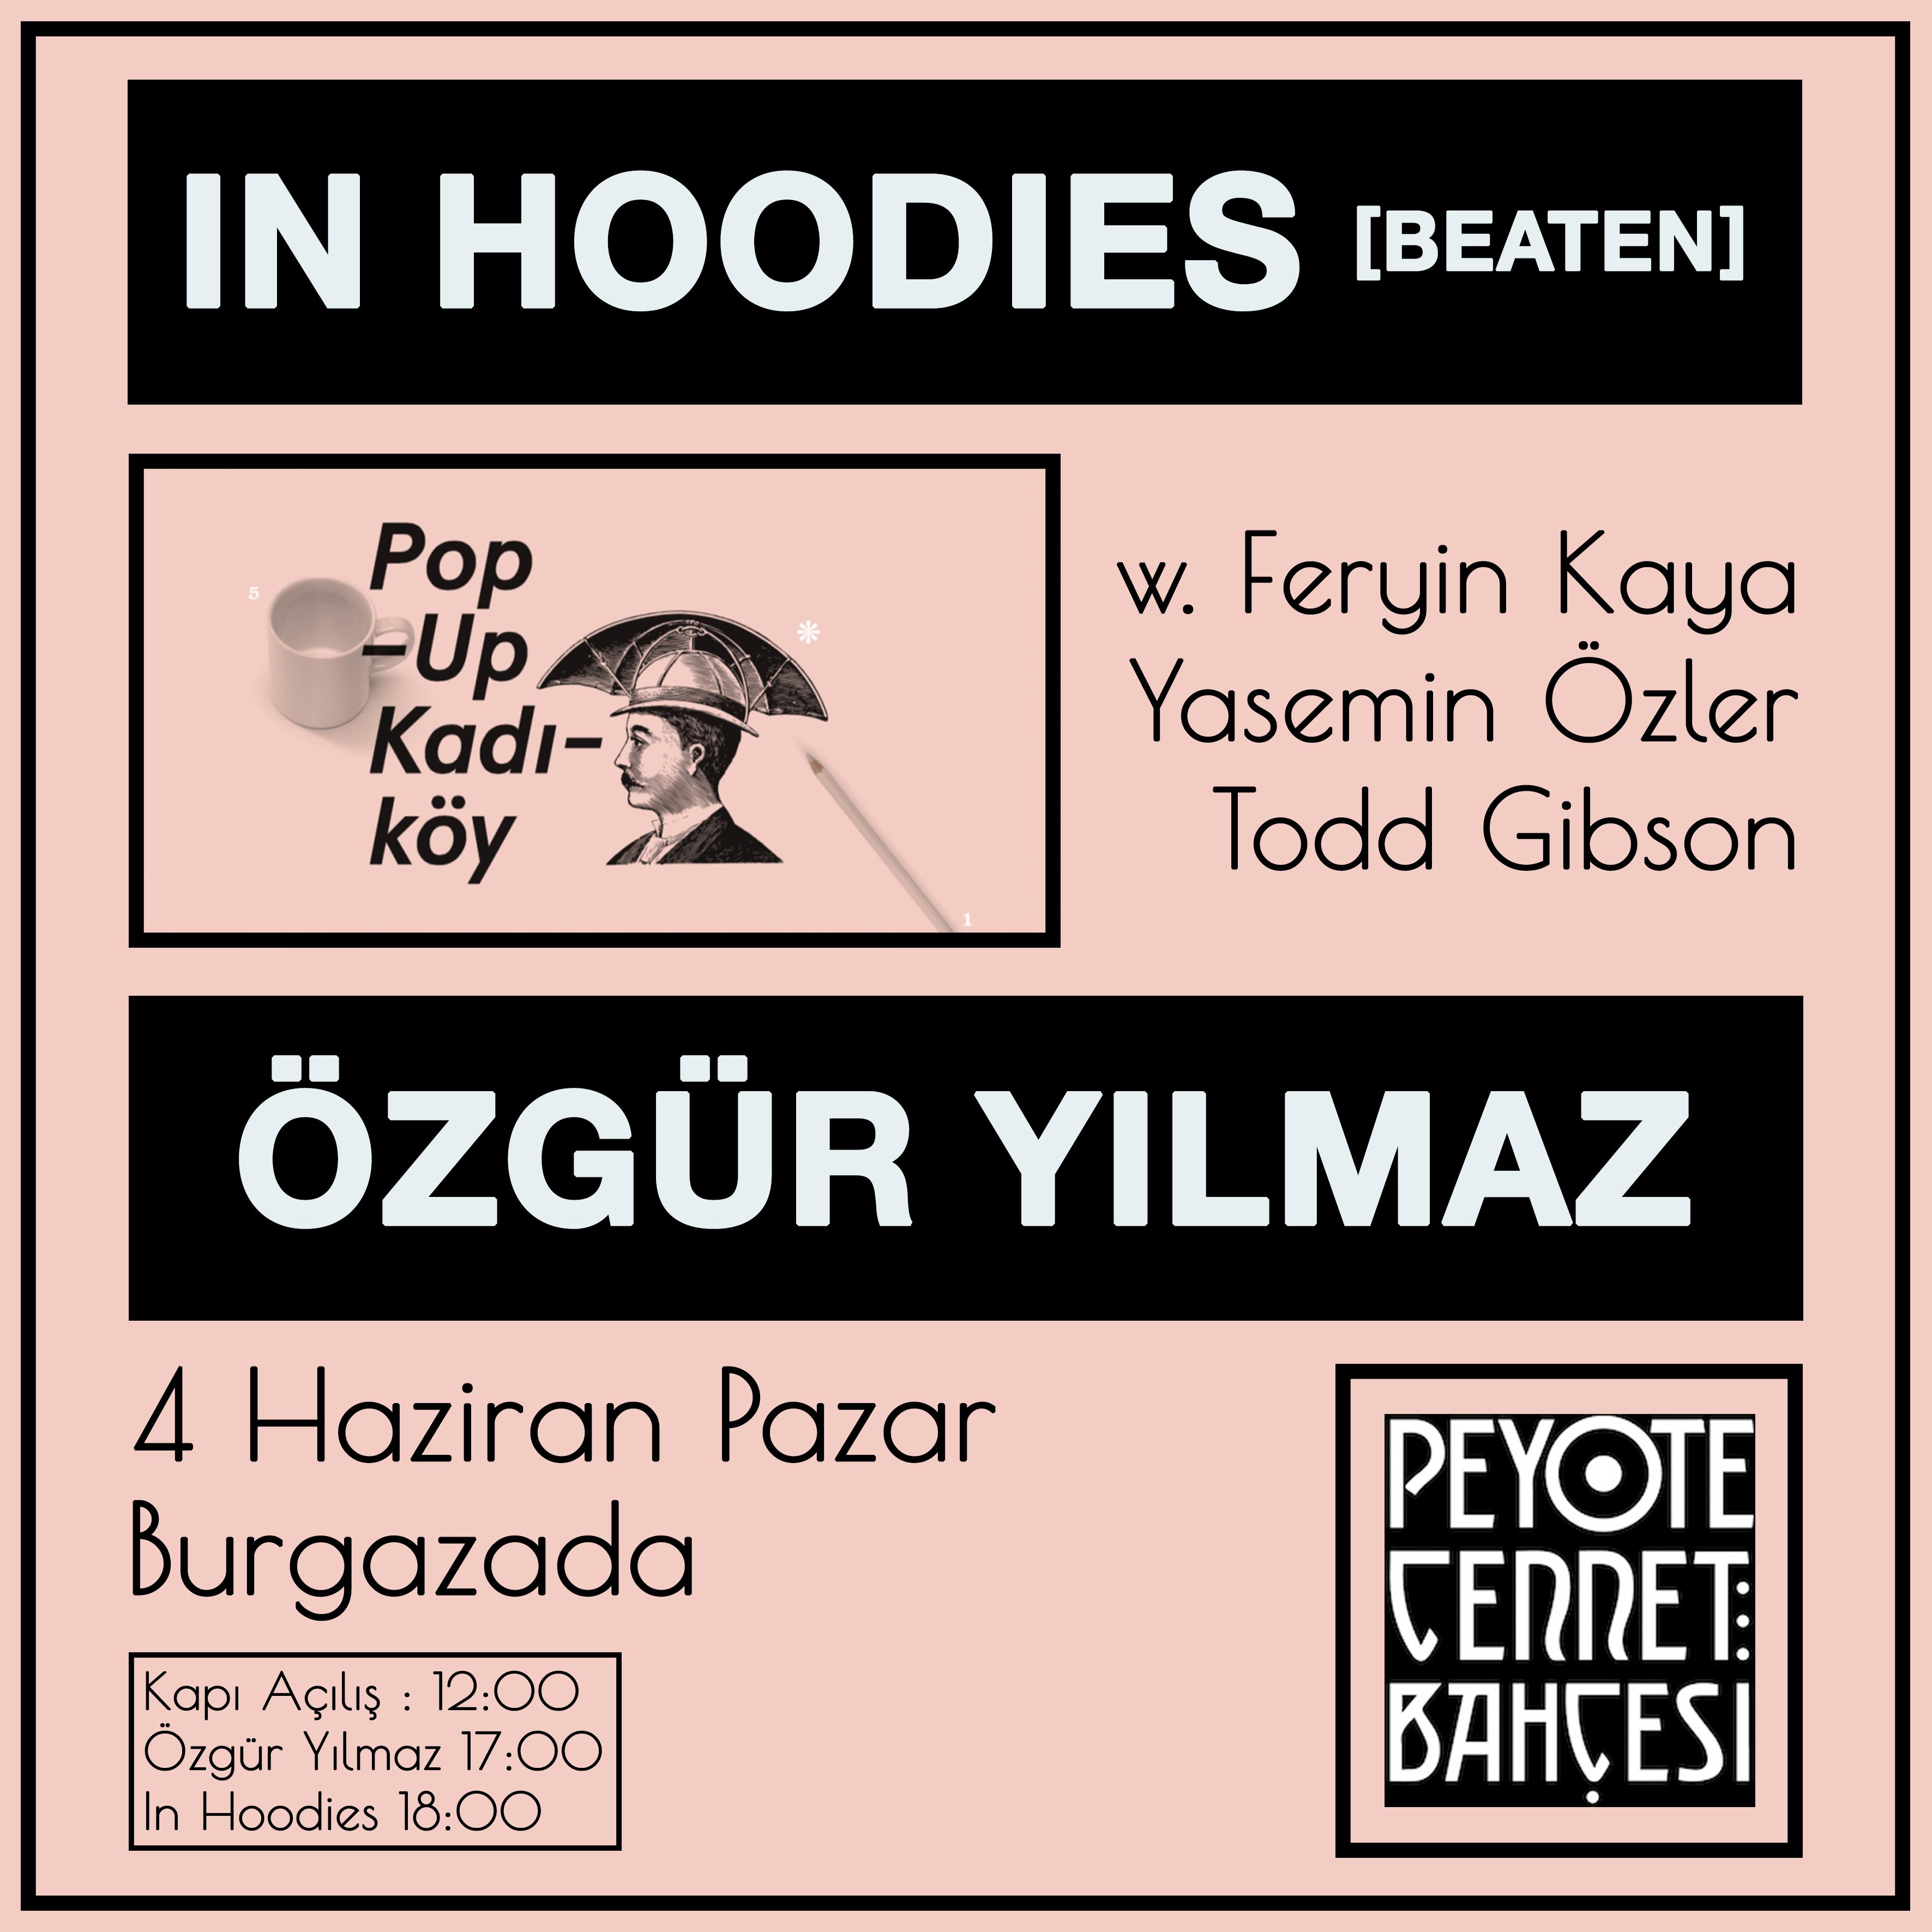 In Hoodies & Özgür Yılmaz